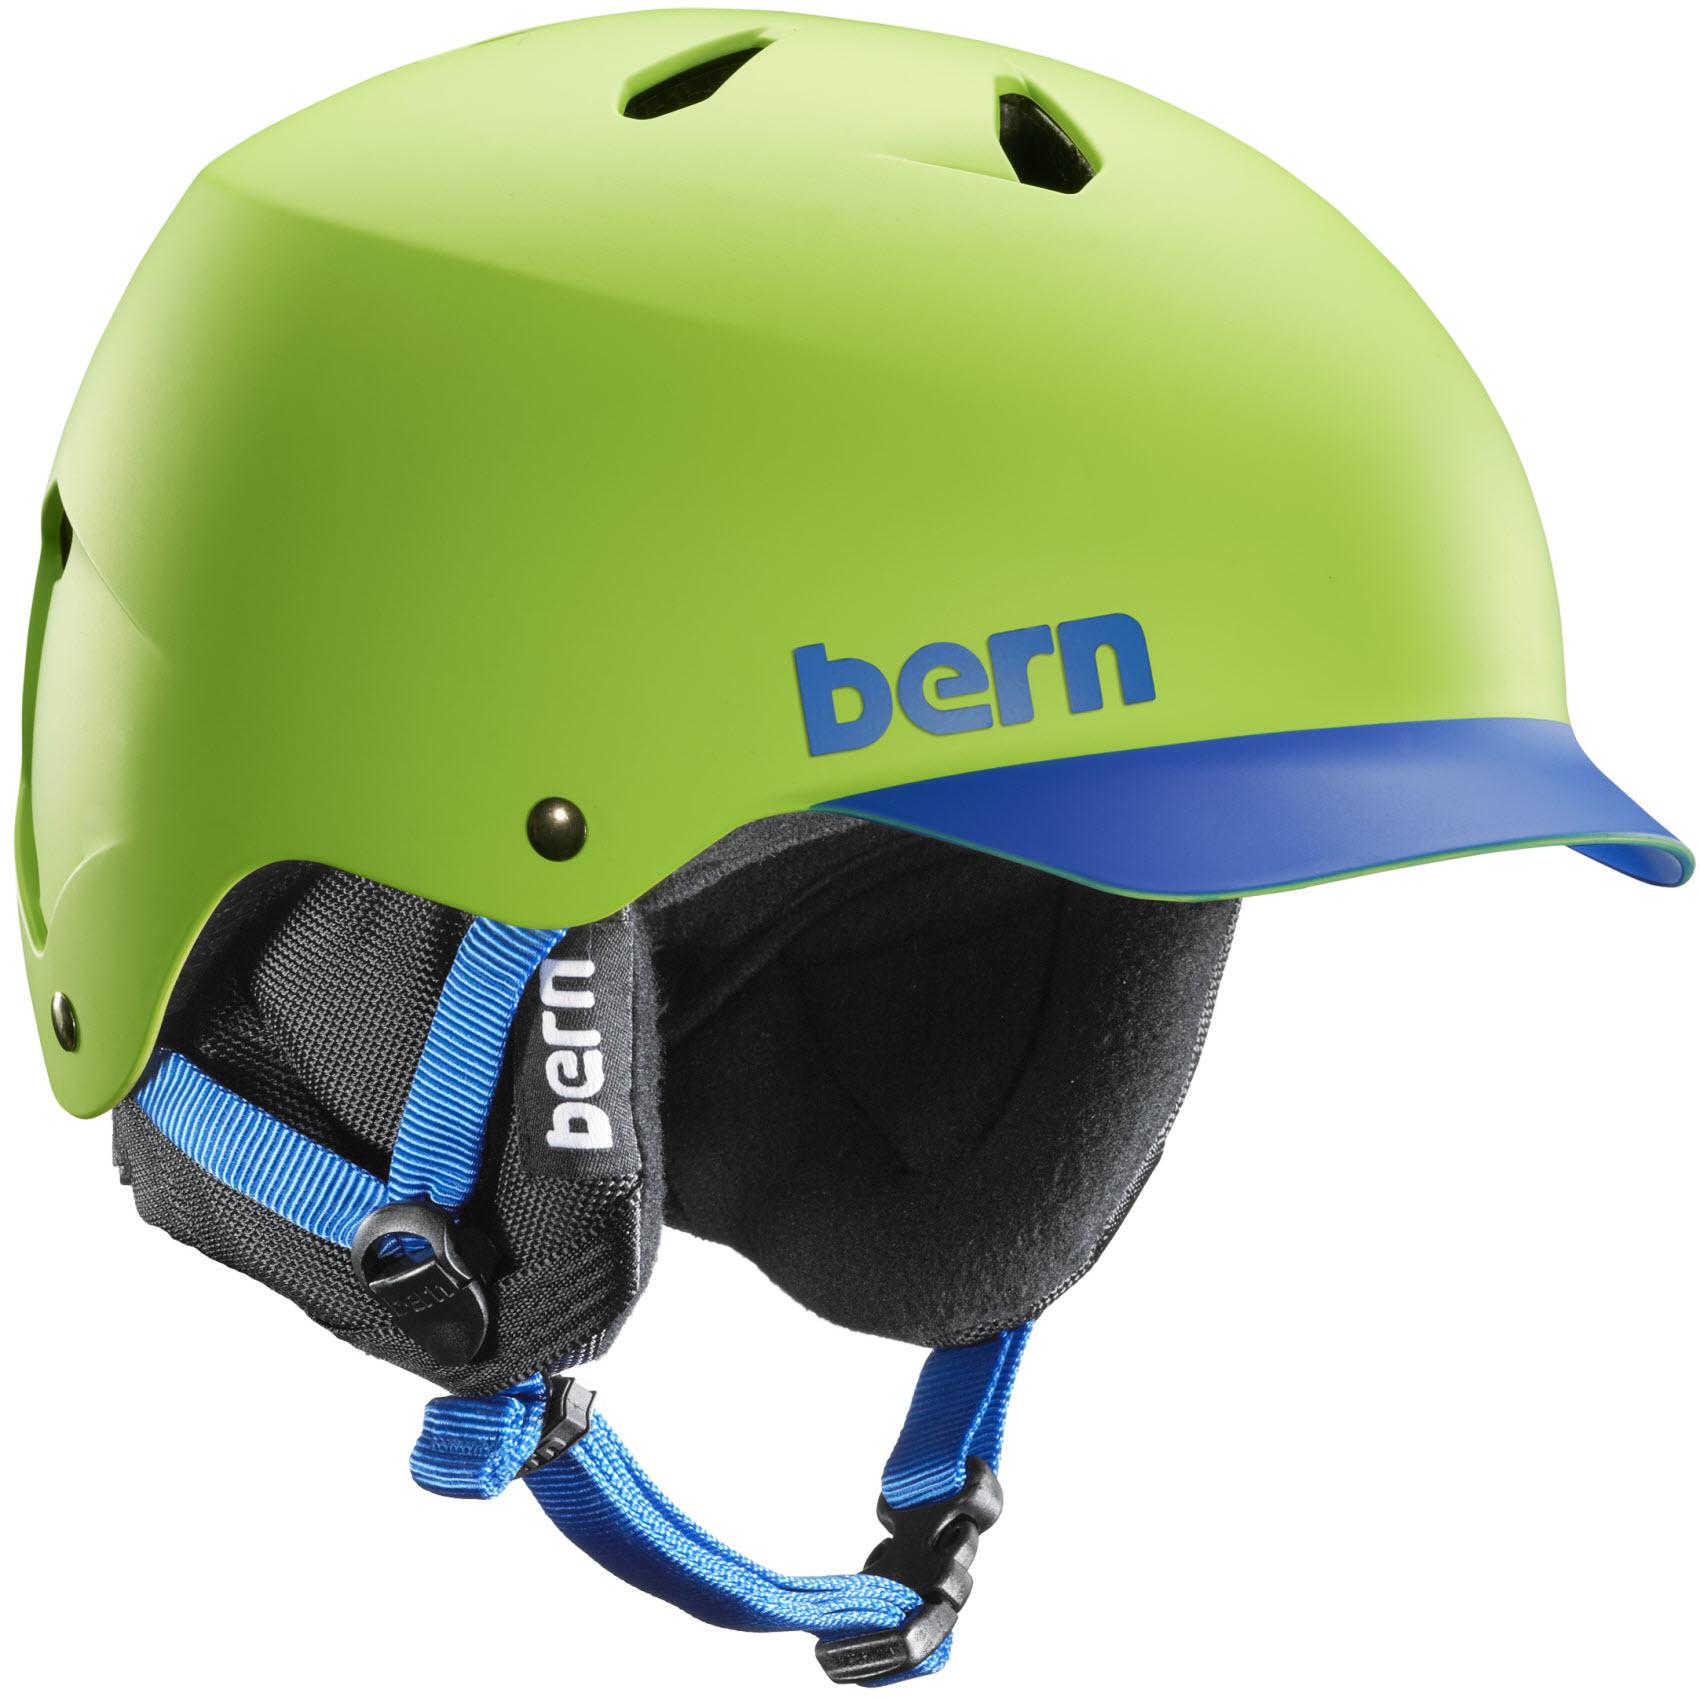 Bern Watts EPS Snowboard Ski Helmet 2015